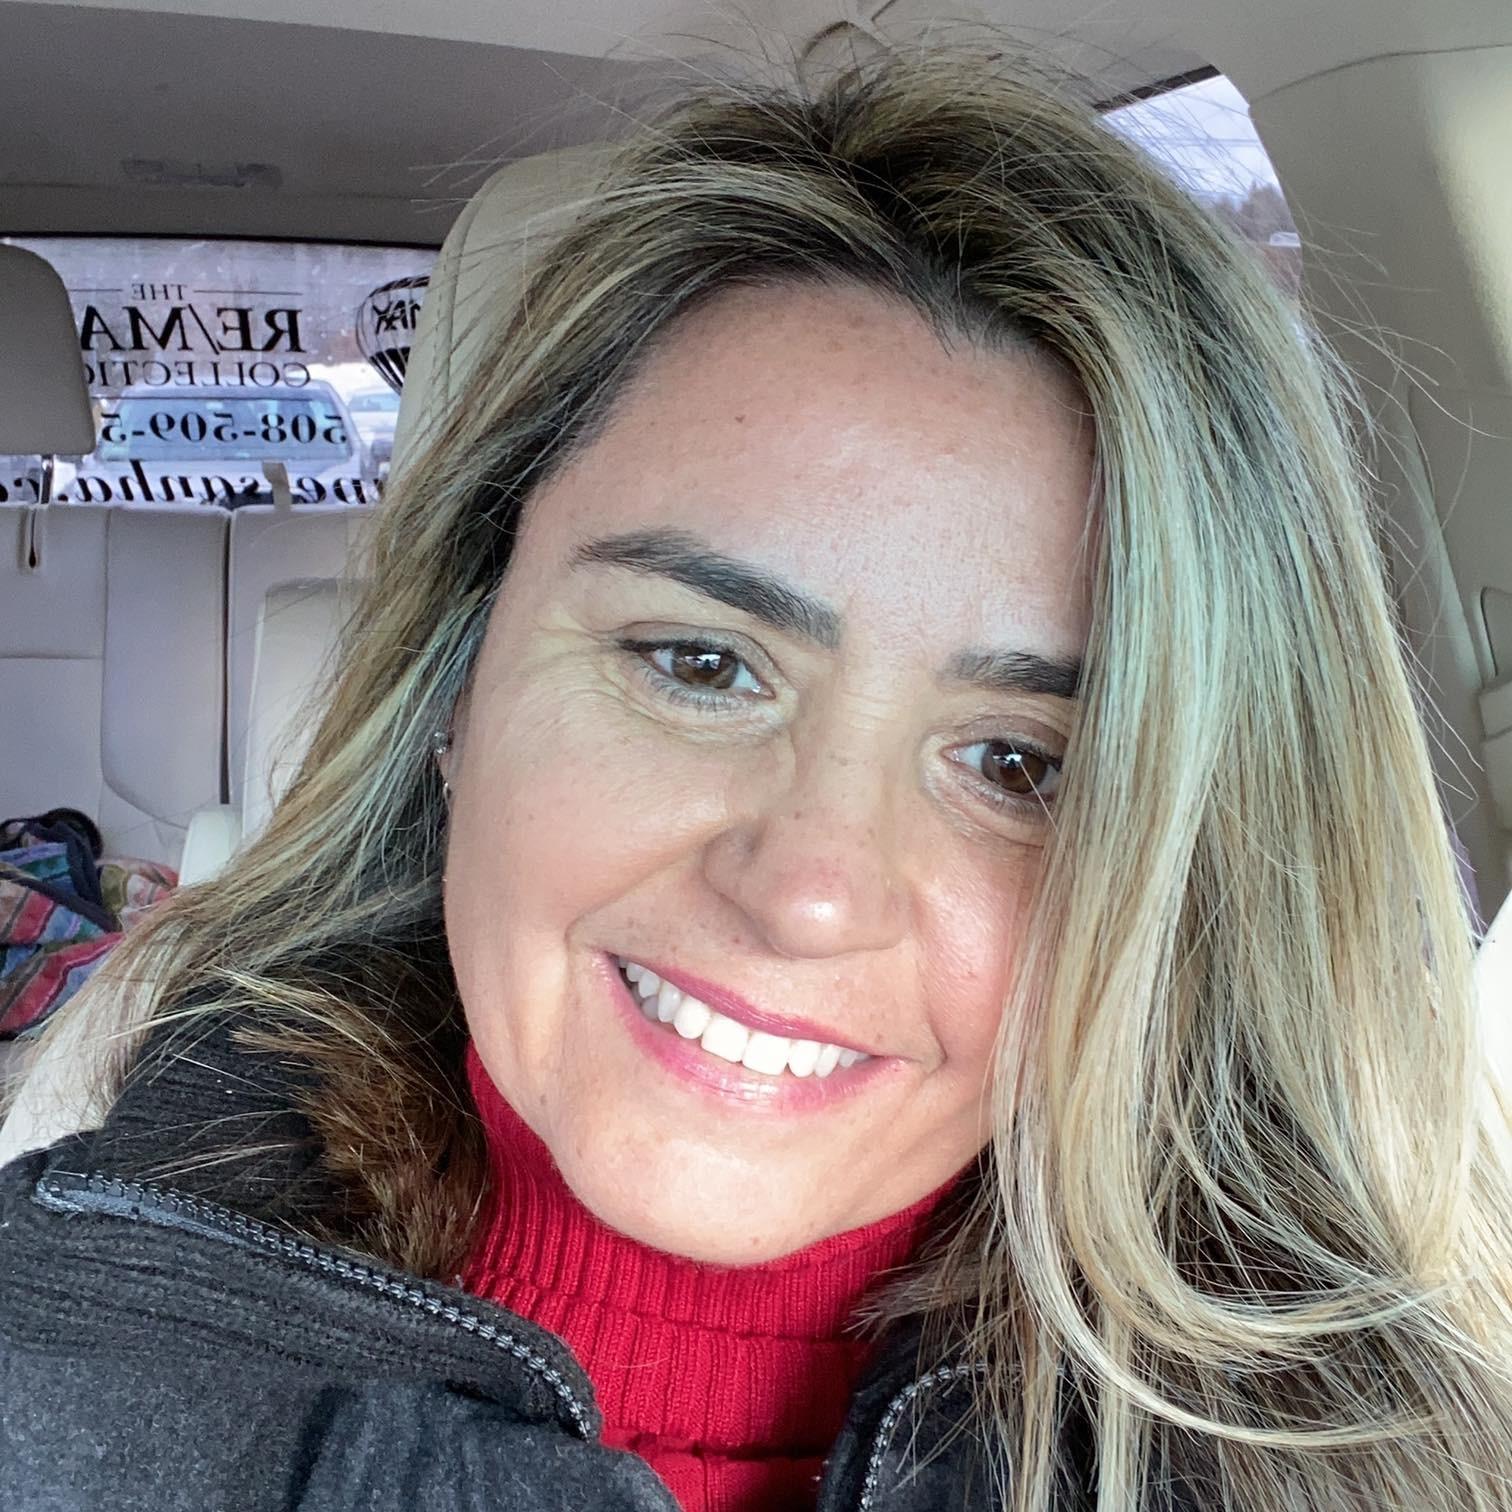 Marcia undefined Pessanha